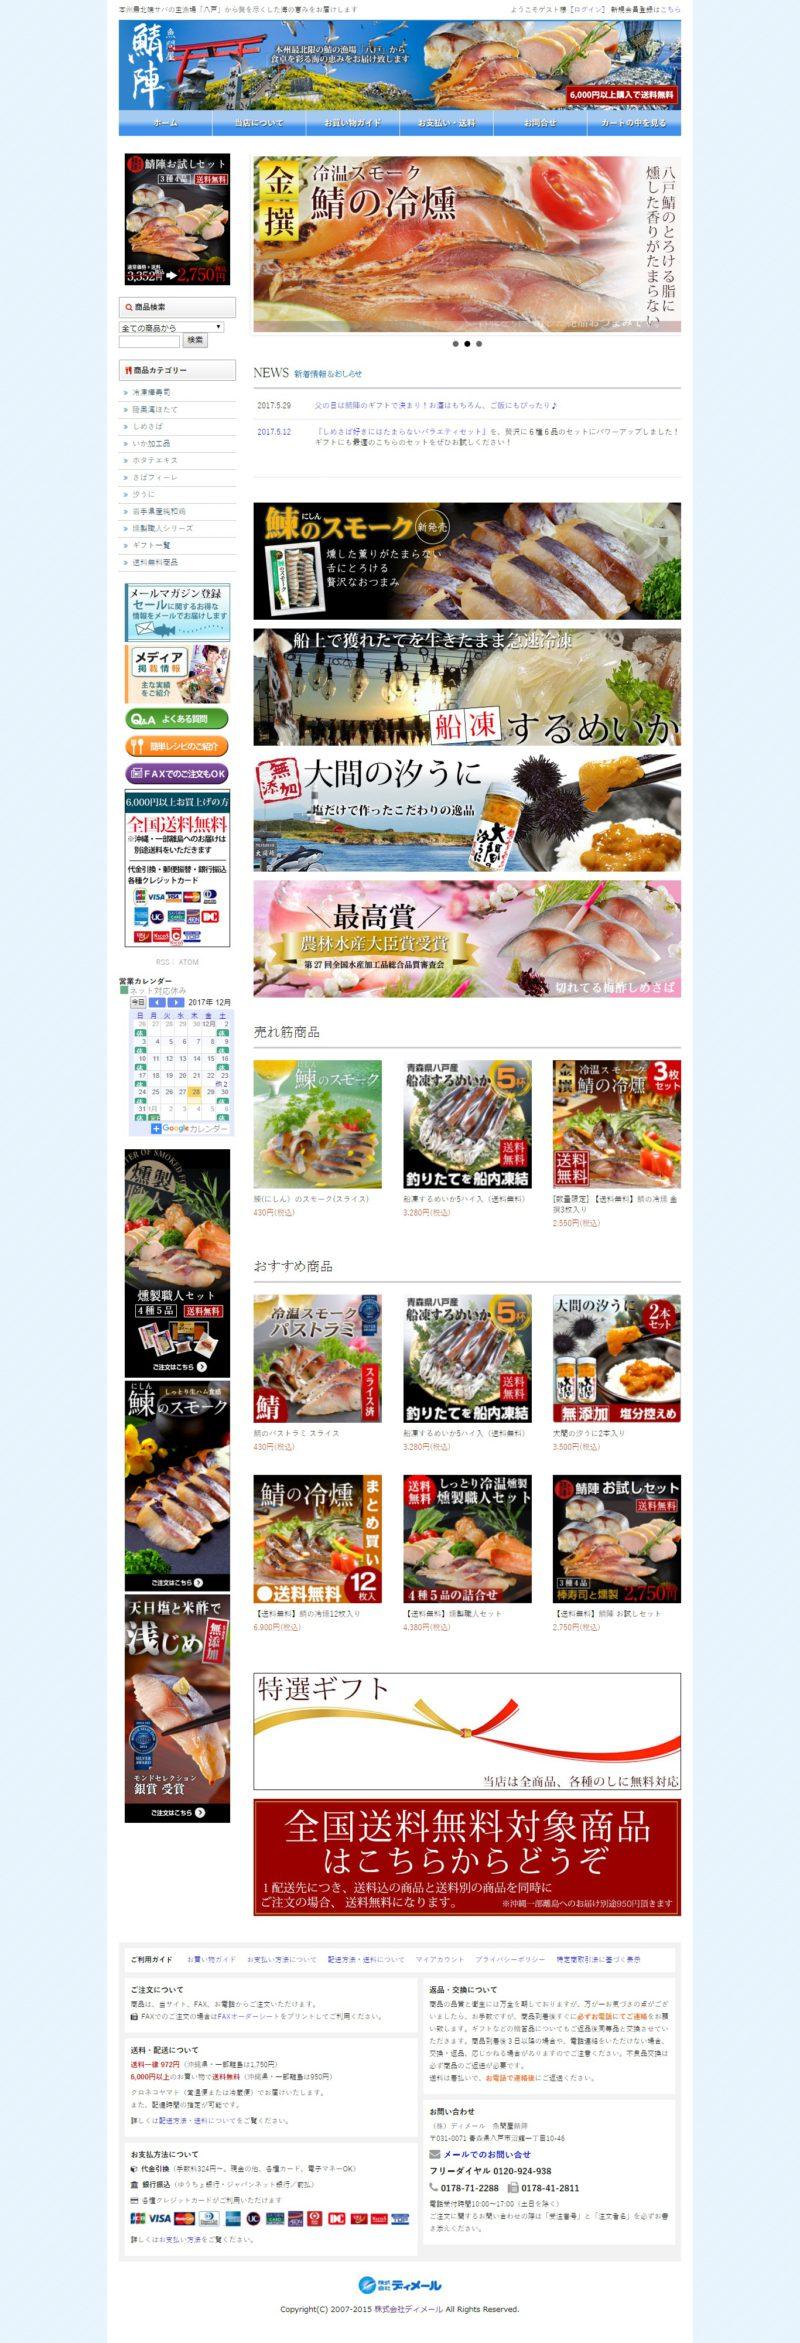 魚問屋鯖陣(株)ディメール